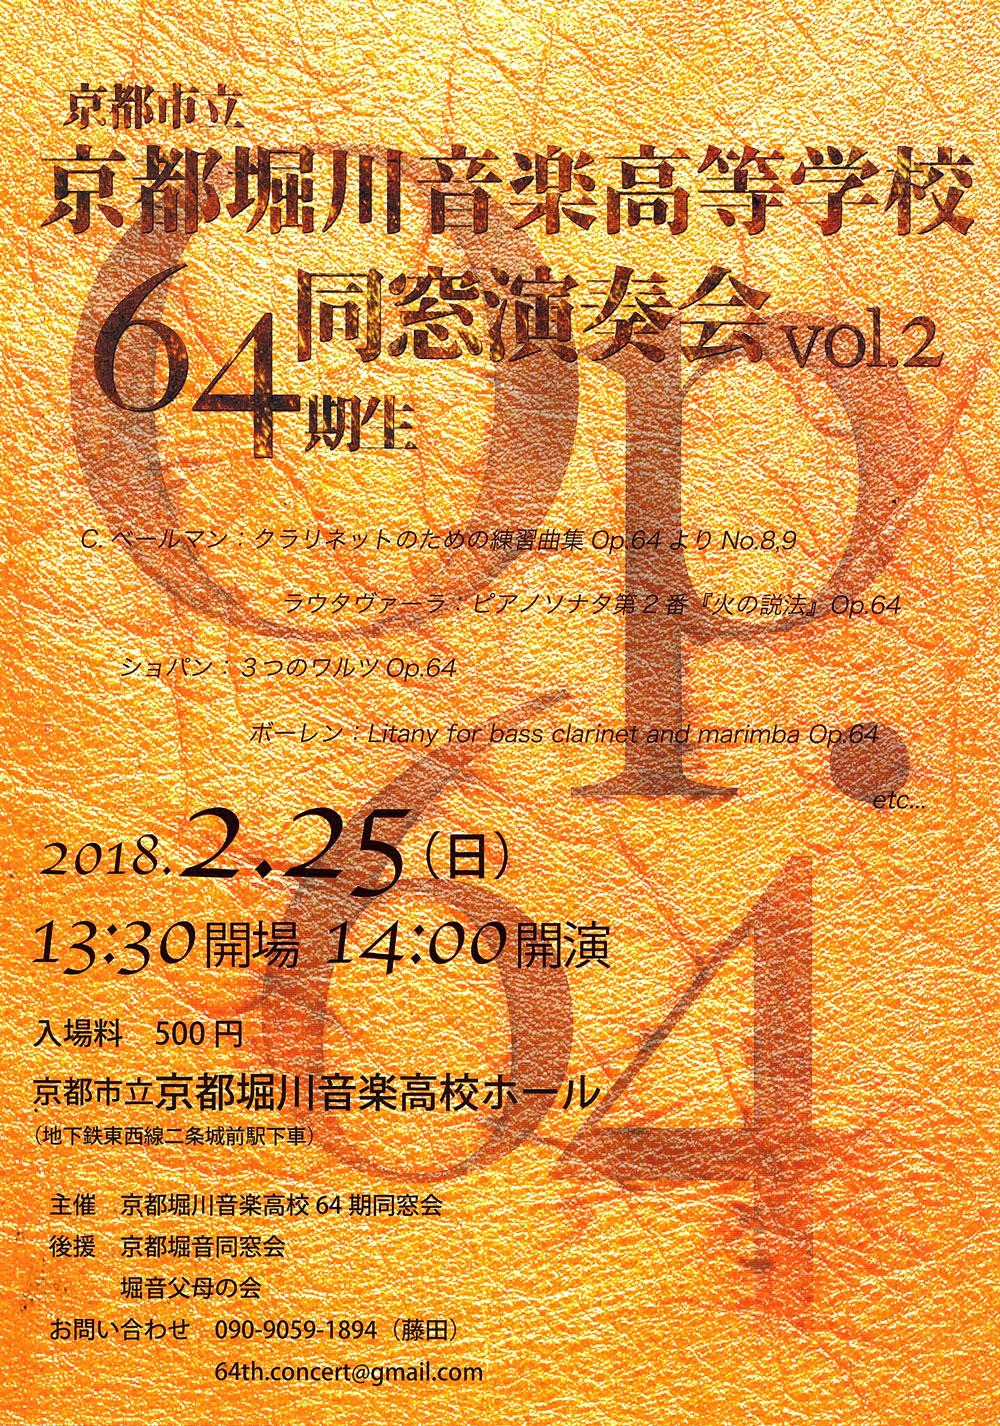 京都堀川音楽高等学校 64期生同窓演奏会 vol.2のチラシ表面画像